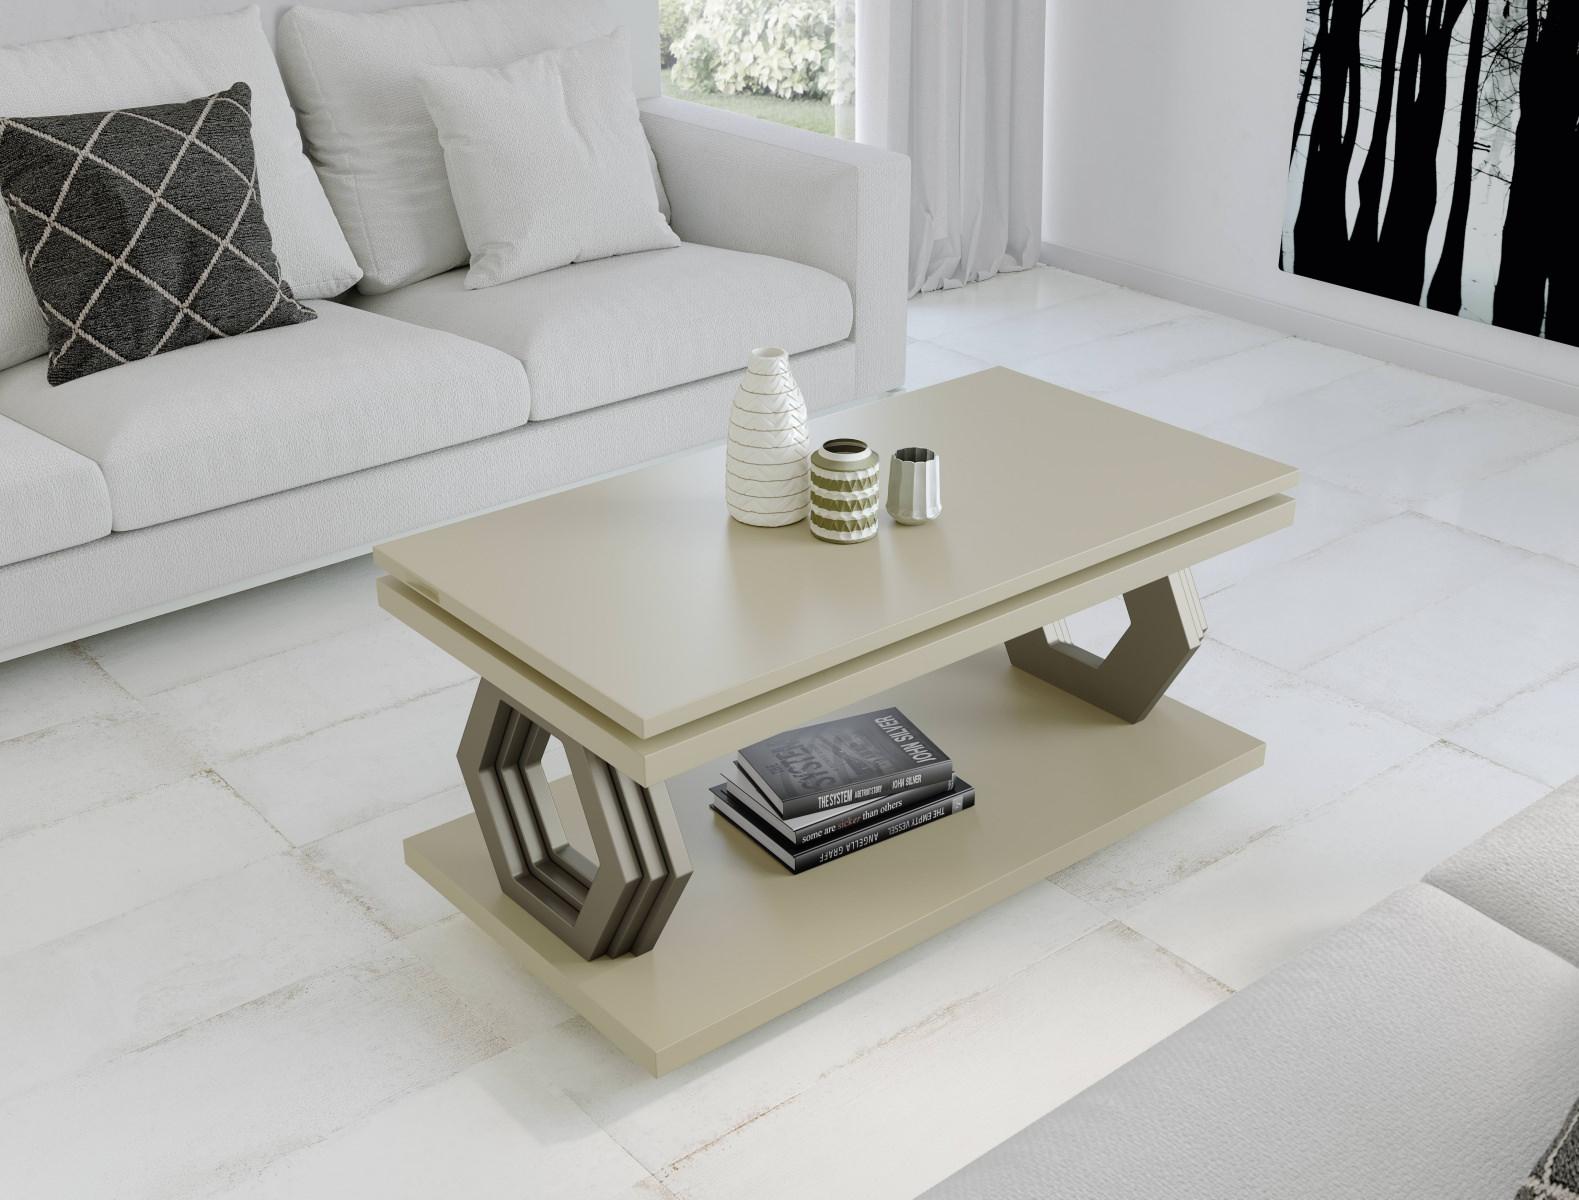 Журнальный стол NORA 2063 Capuccino/Platino Disemobel